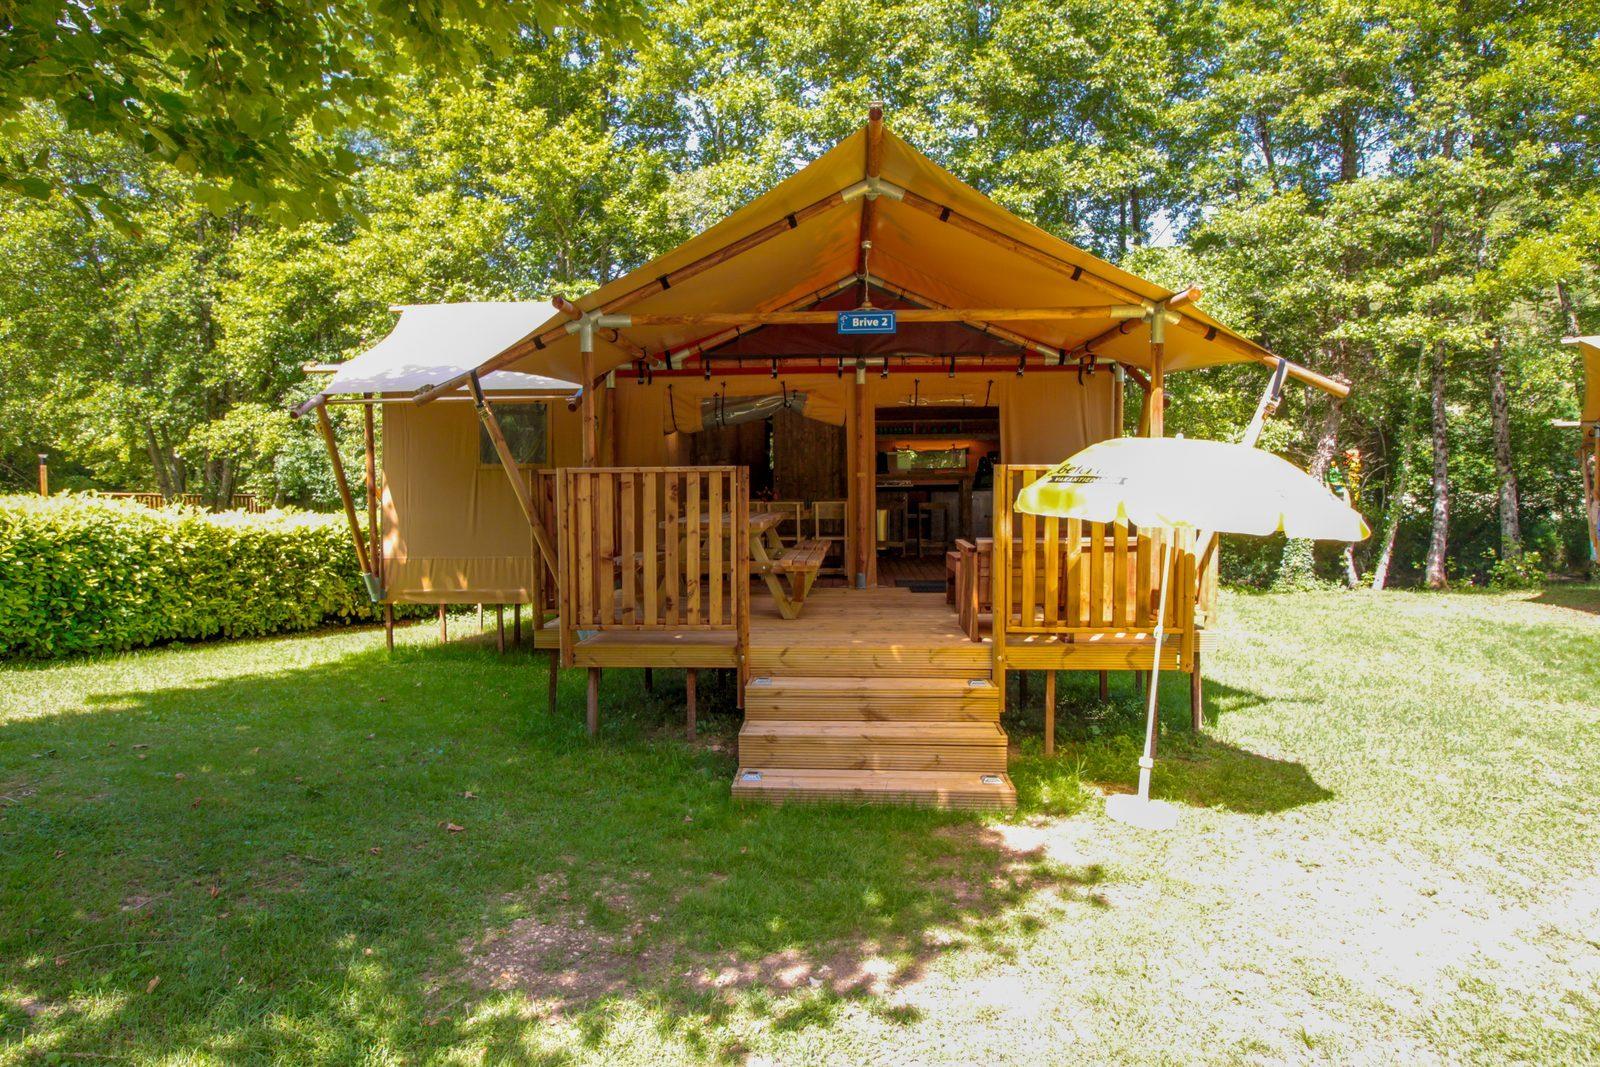 Brive tent